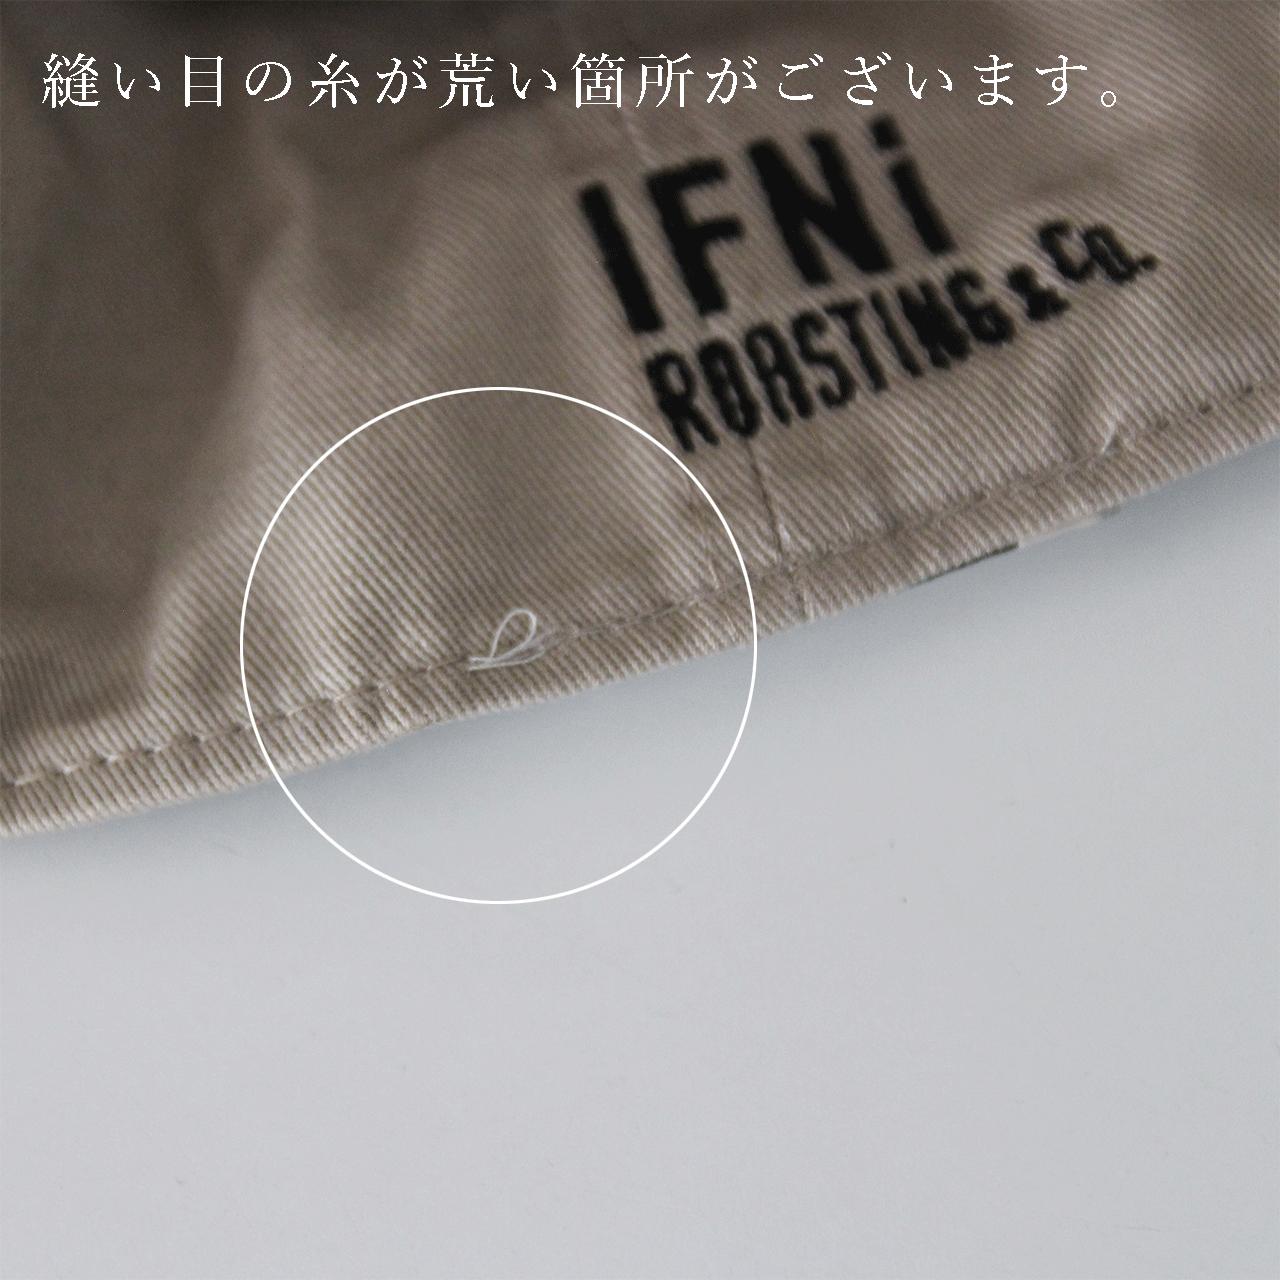 キャップ(エビコン × イフニ ロースティング アンド コー)